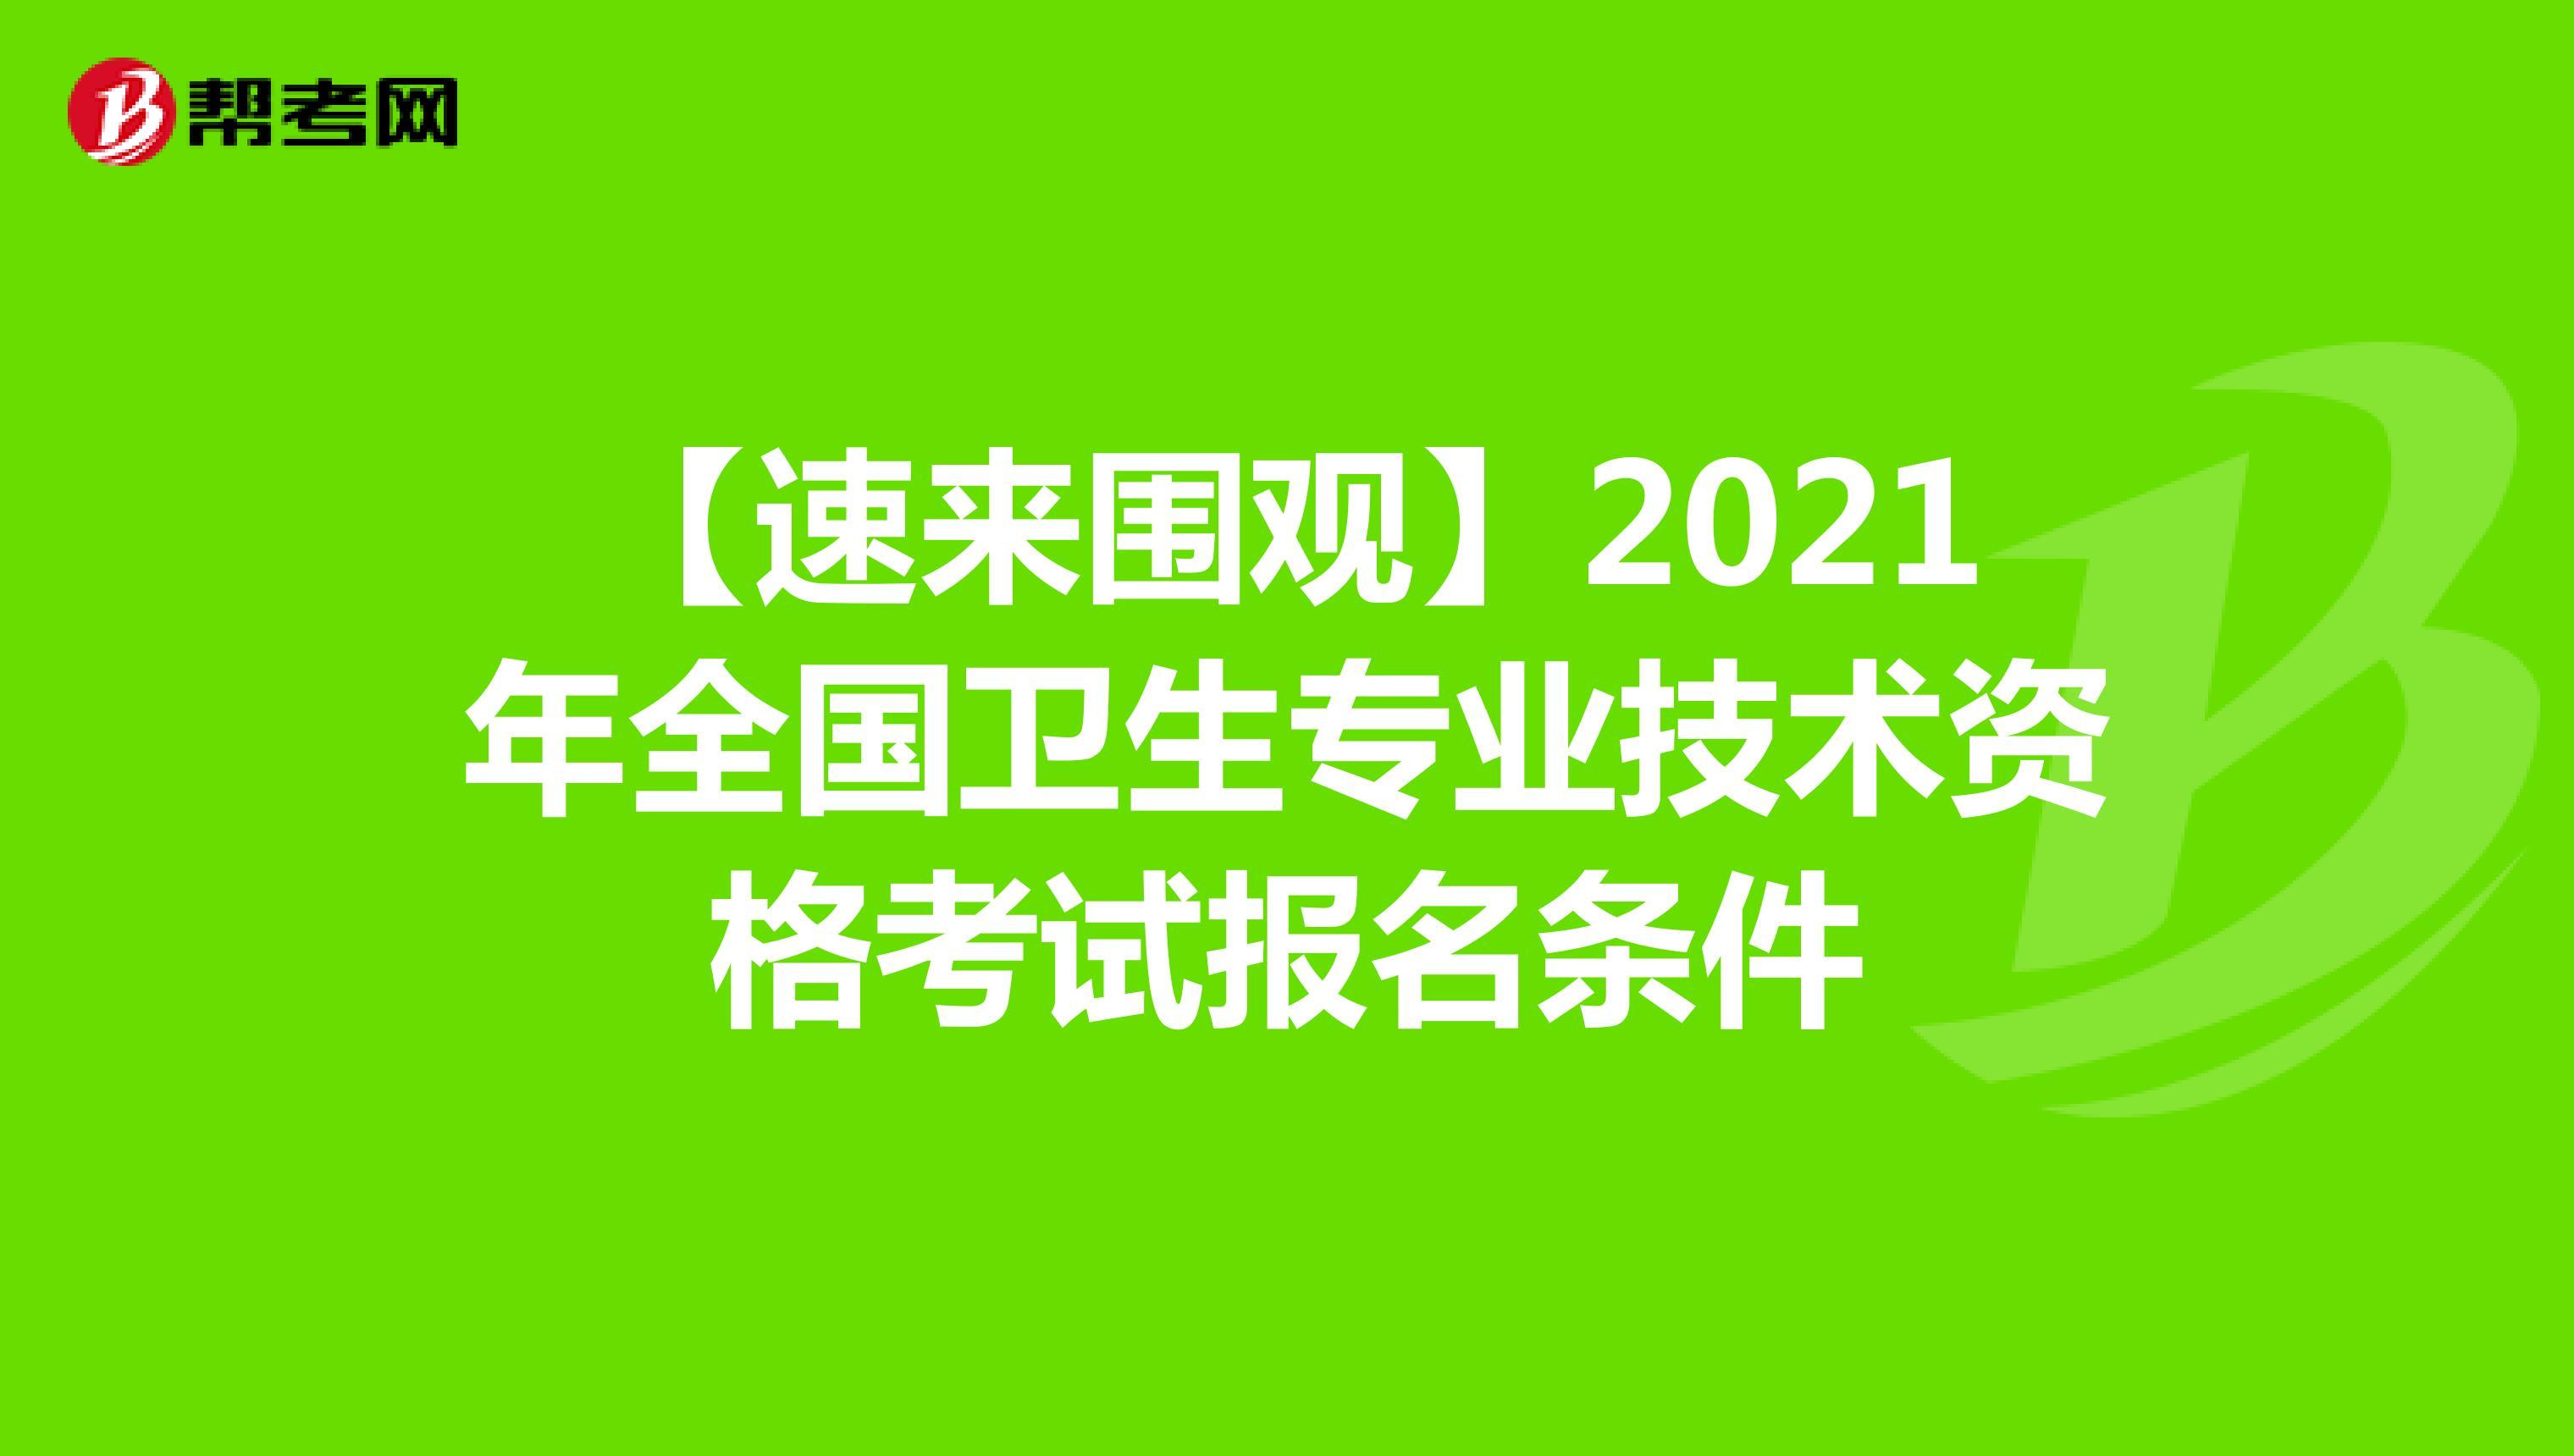 【速來圍觀】2021年全國衛生專業技術資格考試報名條件